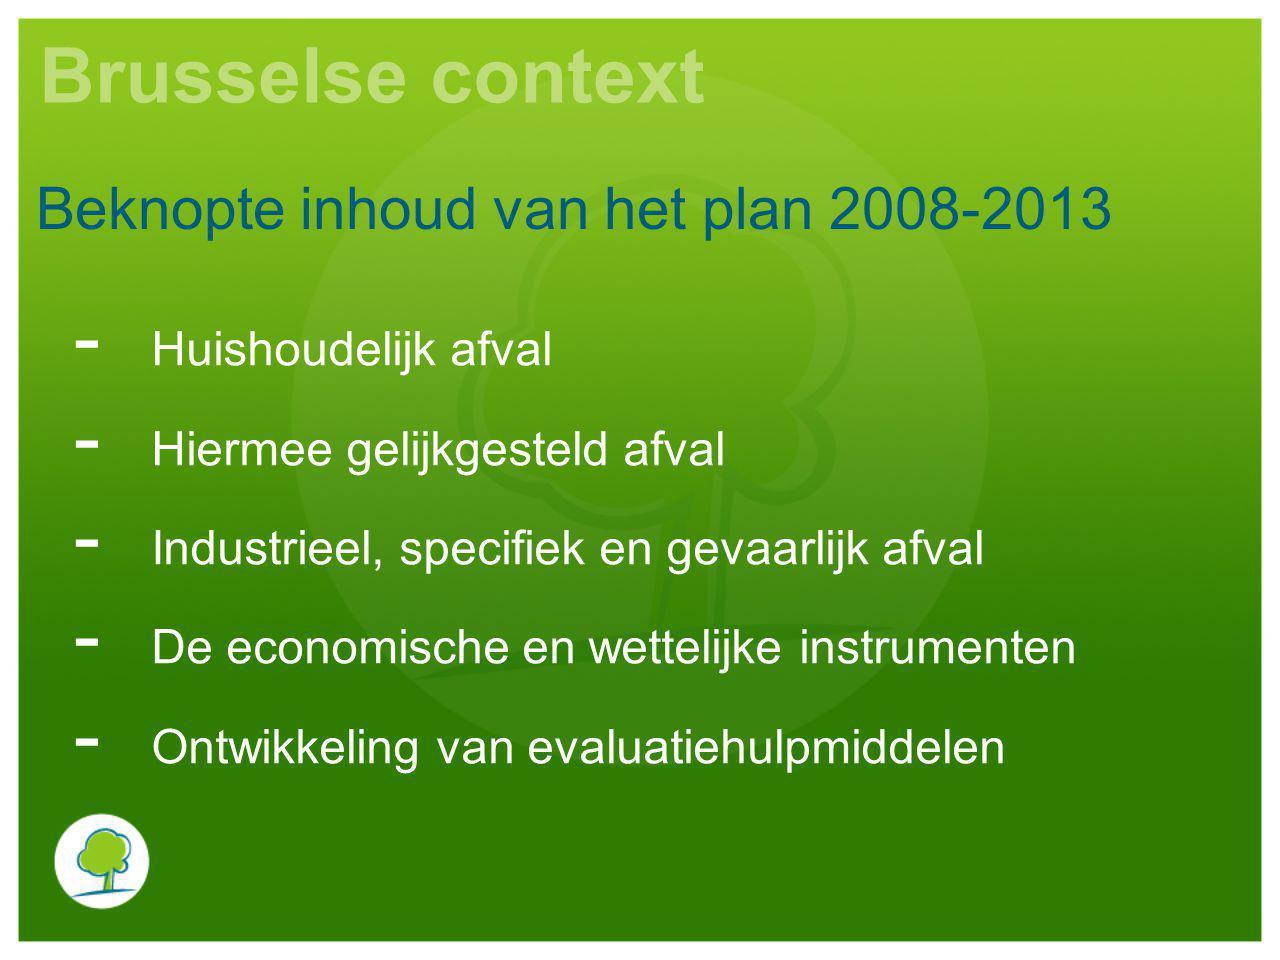 Brusselse context - Huishoudelijk afval - Hiermee gelijkgesteld afval - Industrieel, specifiek en gevaarlijk afval - De economische en wettelijke instrumenten - Ontwikkeling van evaluatiehulpmiddelen Beknopte inhoud van het plan 2008-2013